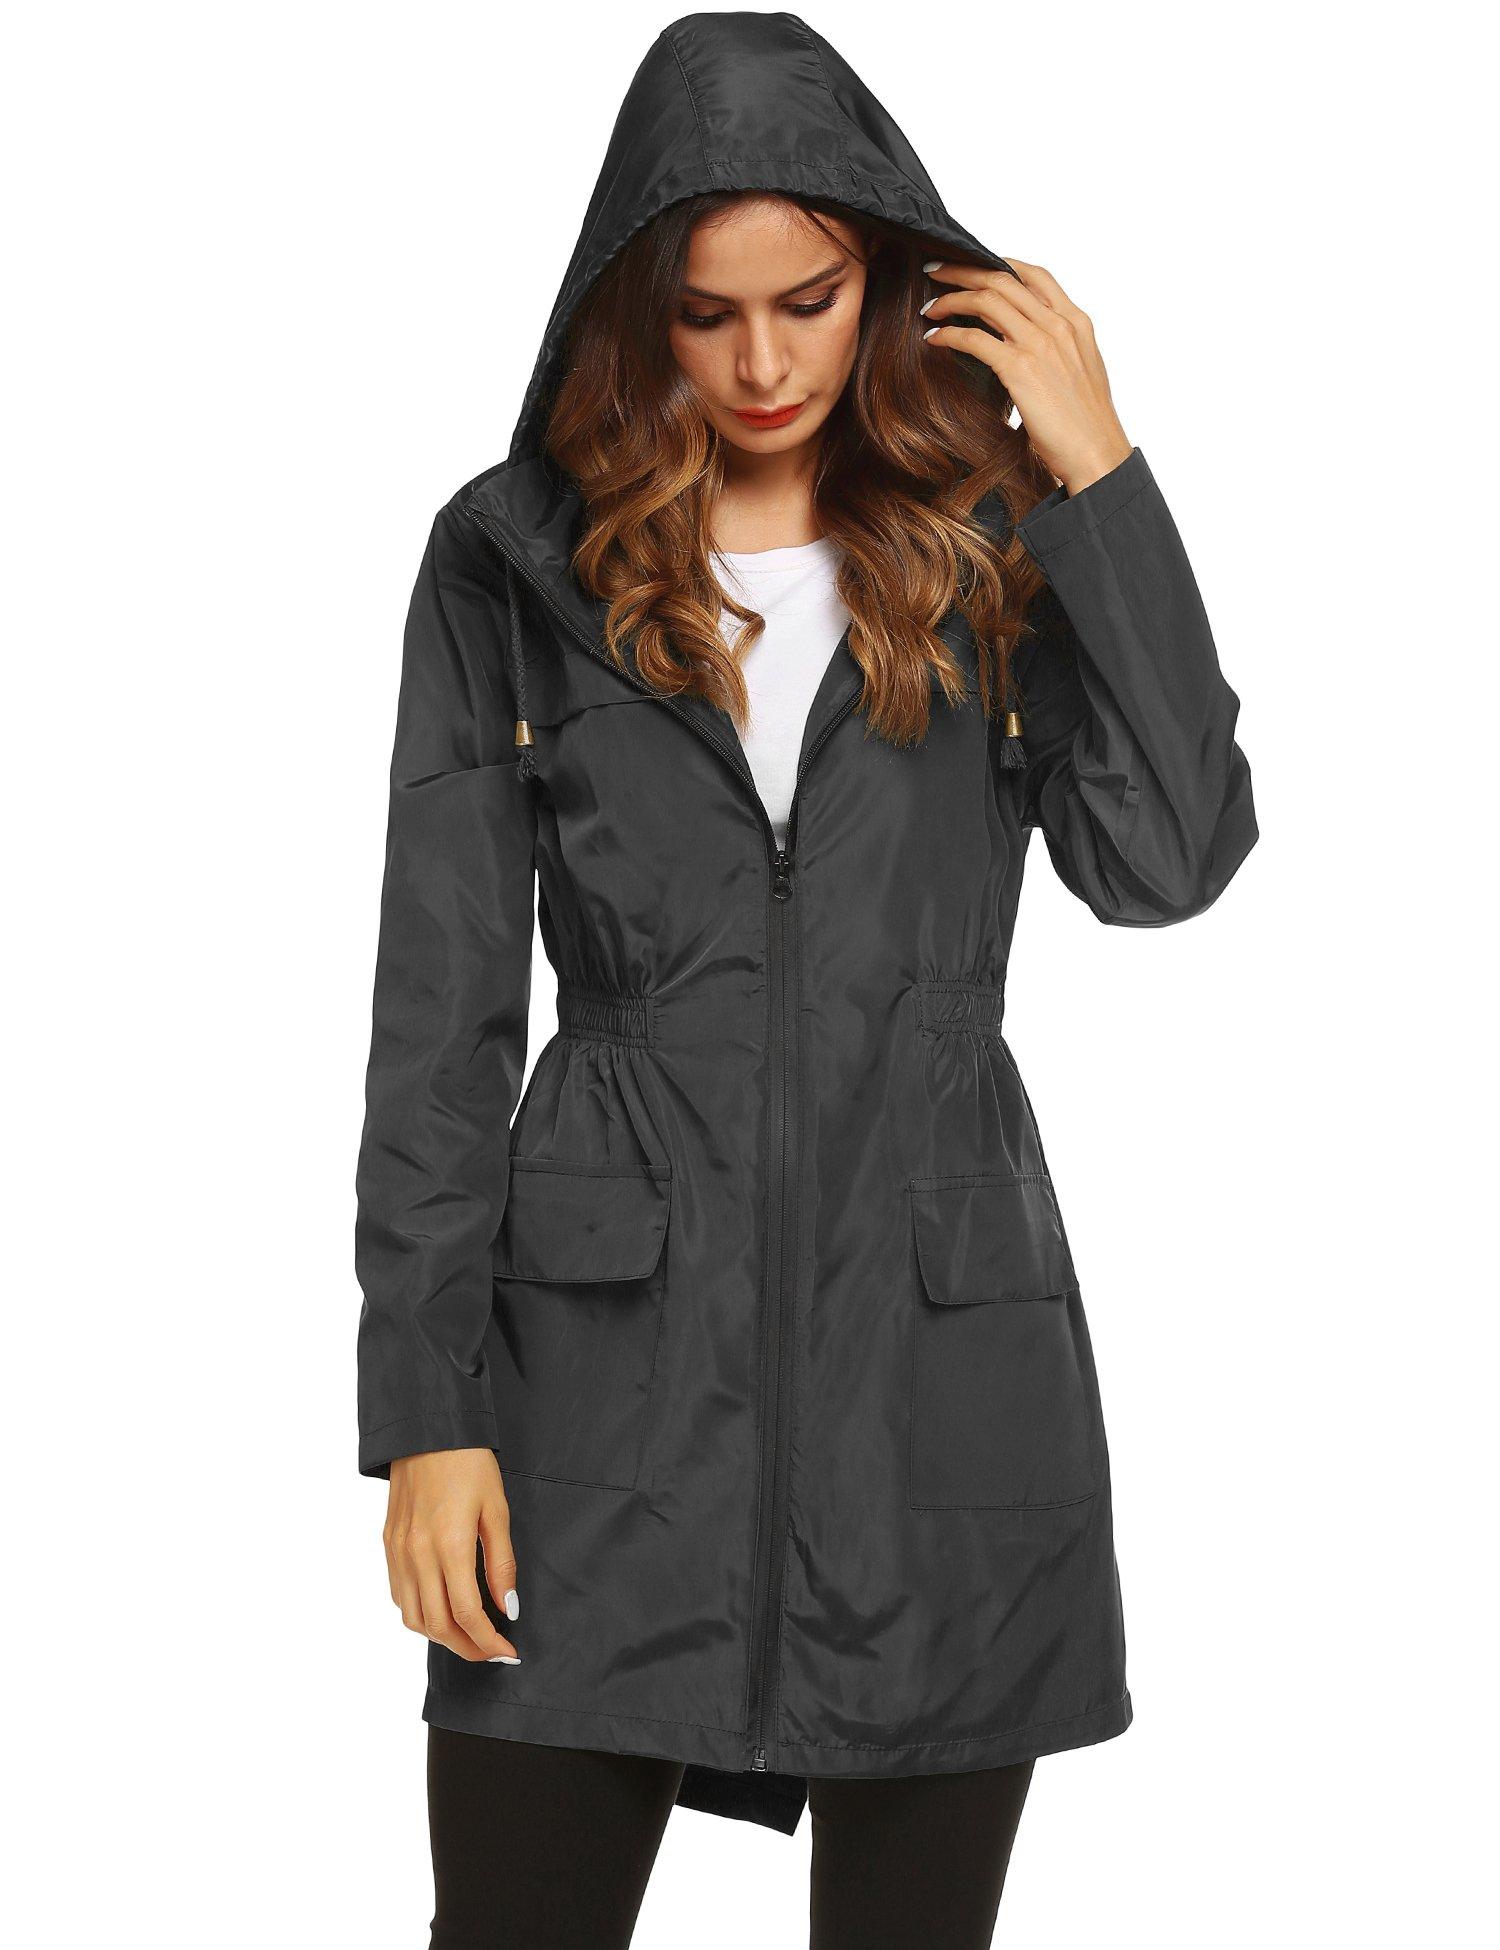 LOMON Women Waterproof Lightweight Rain Jacket Active Outdoor Hooded Raincoat (L, Black1)